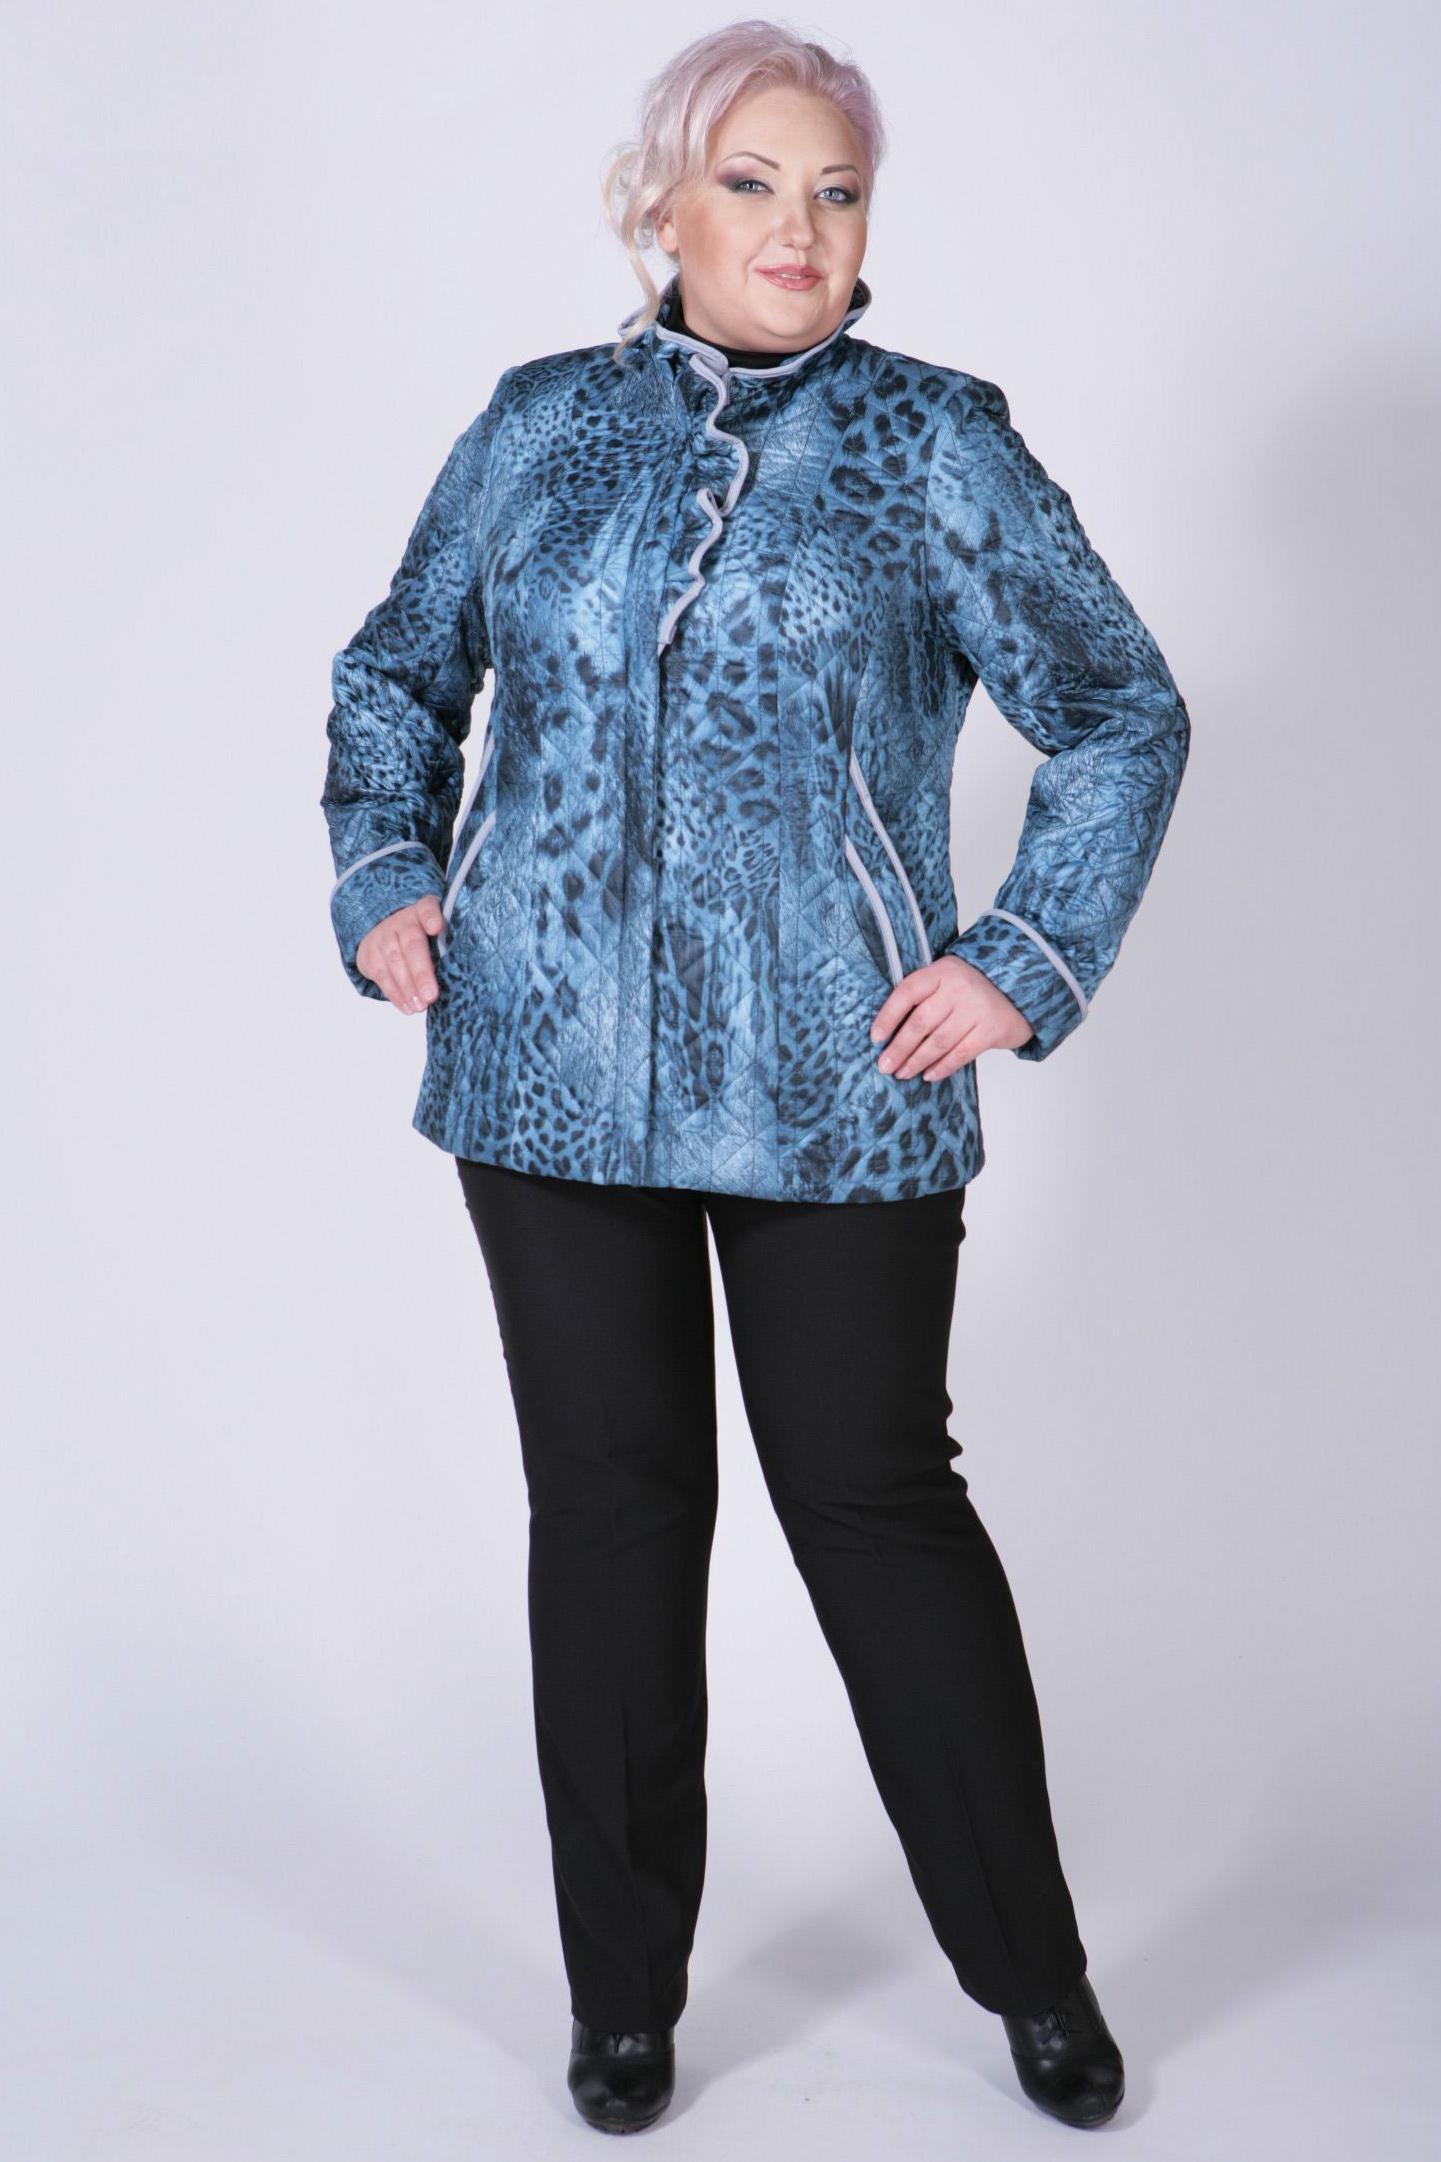 КурткаКуртки<br>Очаровательная куртка с интересным воротником и длинными рукавами. Модель выполнена из фактурной болоньи с леопардовым принтом. Отличный выбор для любого случая.  Цвет: голубой, синий  Рост девушки-фотомодели 172 см<br><br>По образу: Город<br>По стилю: Повседневный стиль<br>По материалу: Плащевая ткань<br>По рисунку: Леопард,Цветные<br>По сезону: Весна,Осень<br>По силуэту: Полуприталенные<br>По элементам: С воланами и рюшами,С карманами<br>По длине: Средней длины<br>Воротник: Стойка,Фантазийный<br>Рукав: Длинный рукав<br>Размер: 50,52,54,56,58,60,62,64,66<br>Материал: 100% полиэстер<br>Количество в наличии: 2